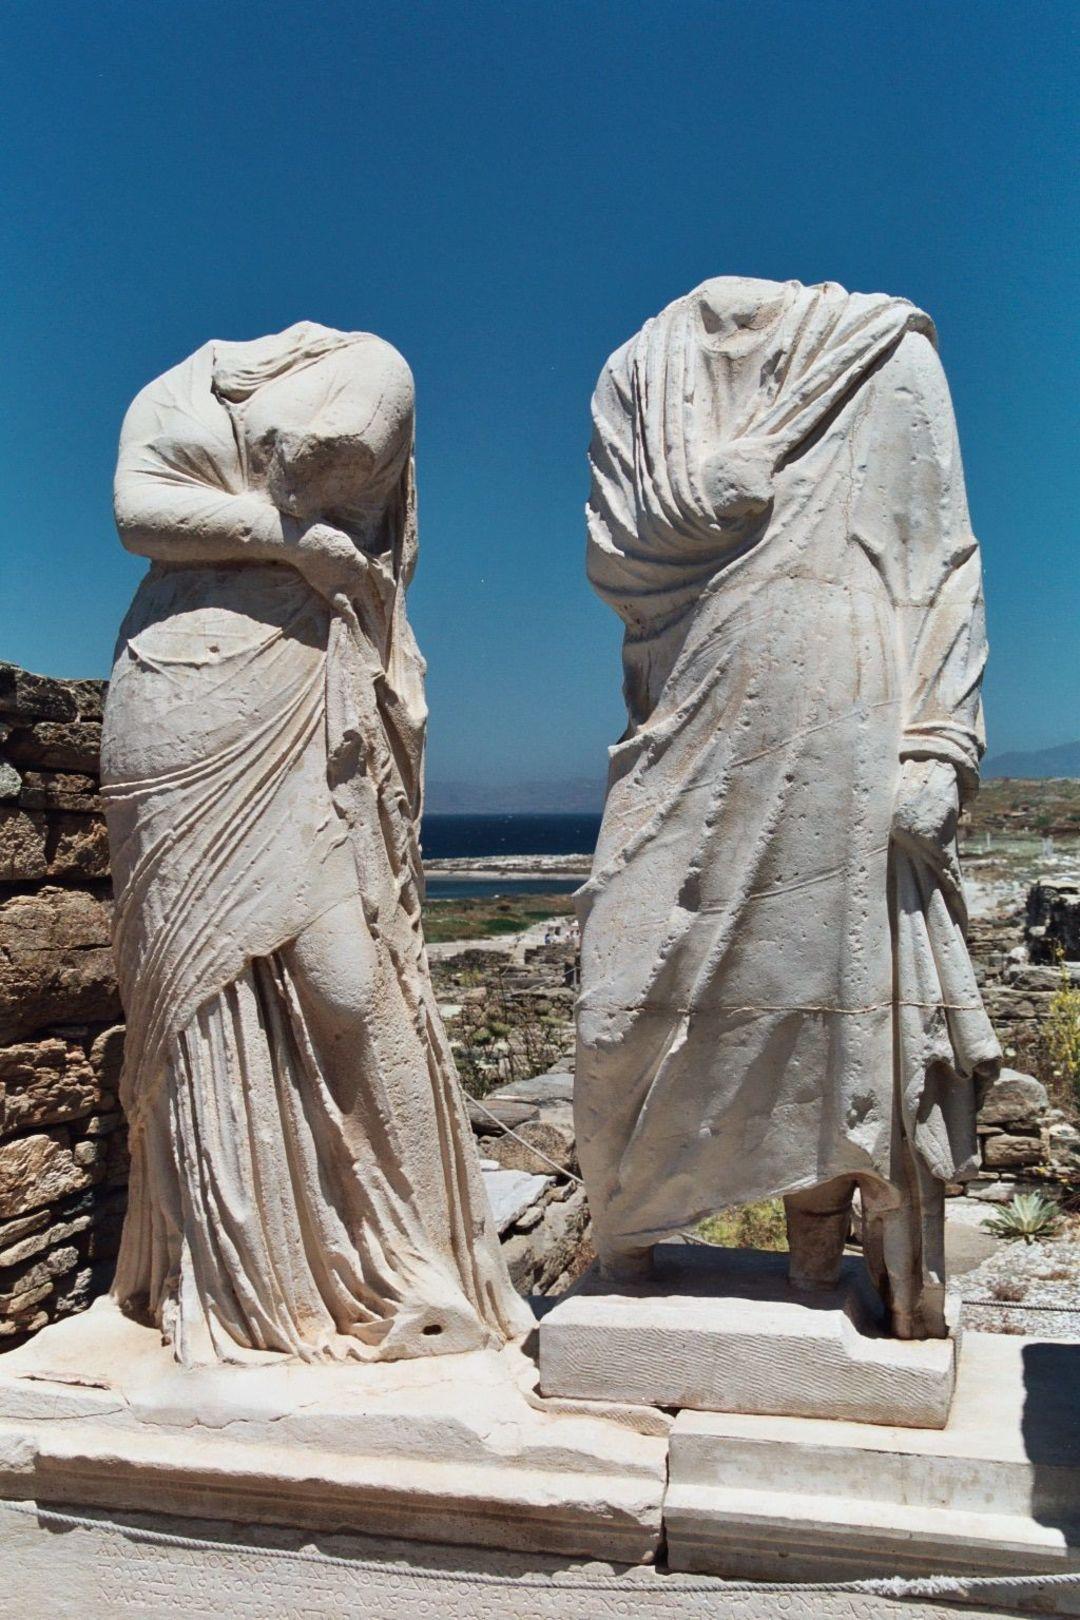 这个在希腊的考古博物馆,像三个巨大的鹅卵石_设计_好奇心日报